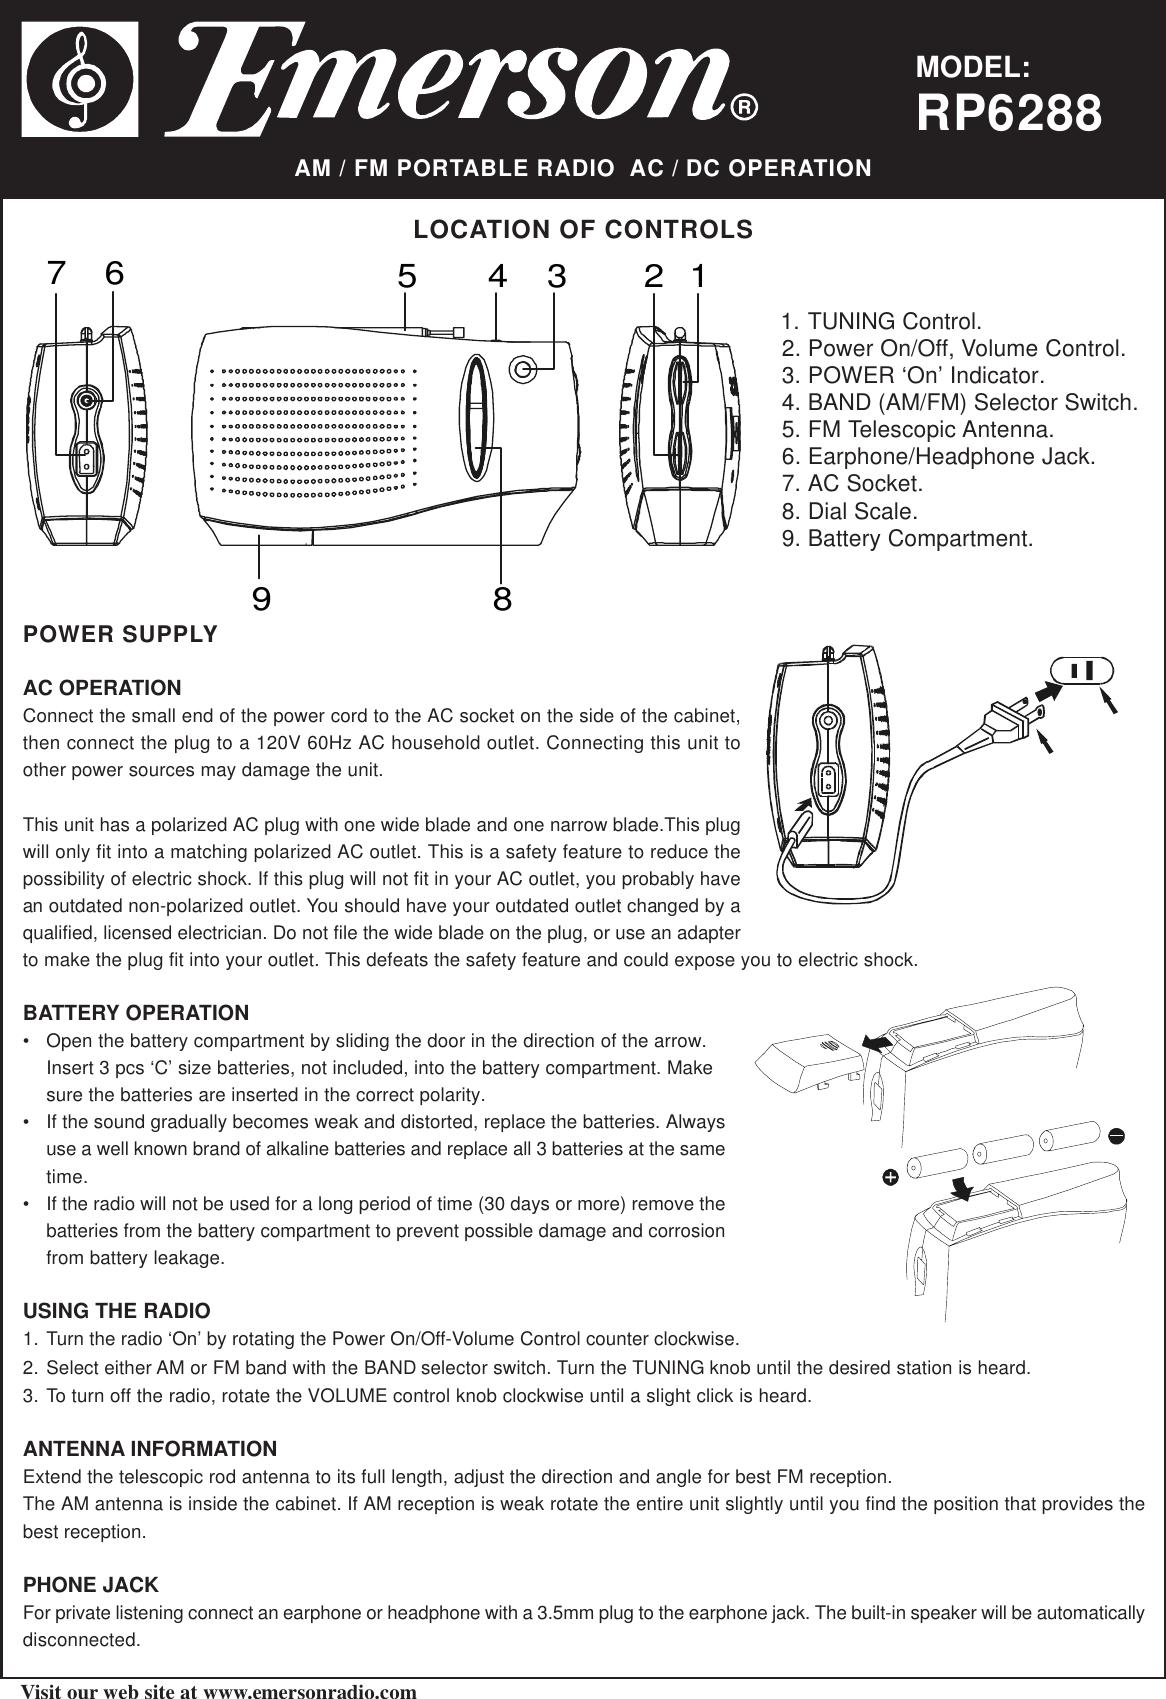 EmersonRp6288PartsList165375.278606936 User Guide Page 1 emerson rp6288 parts list